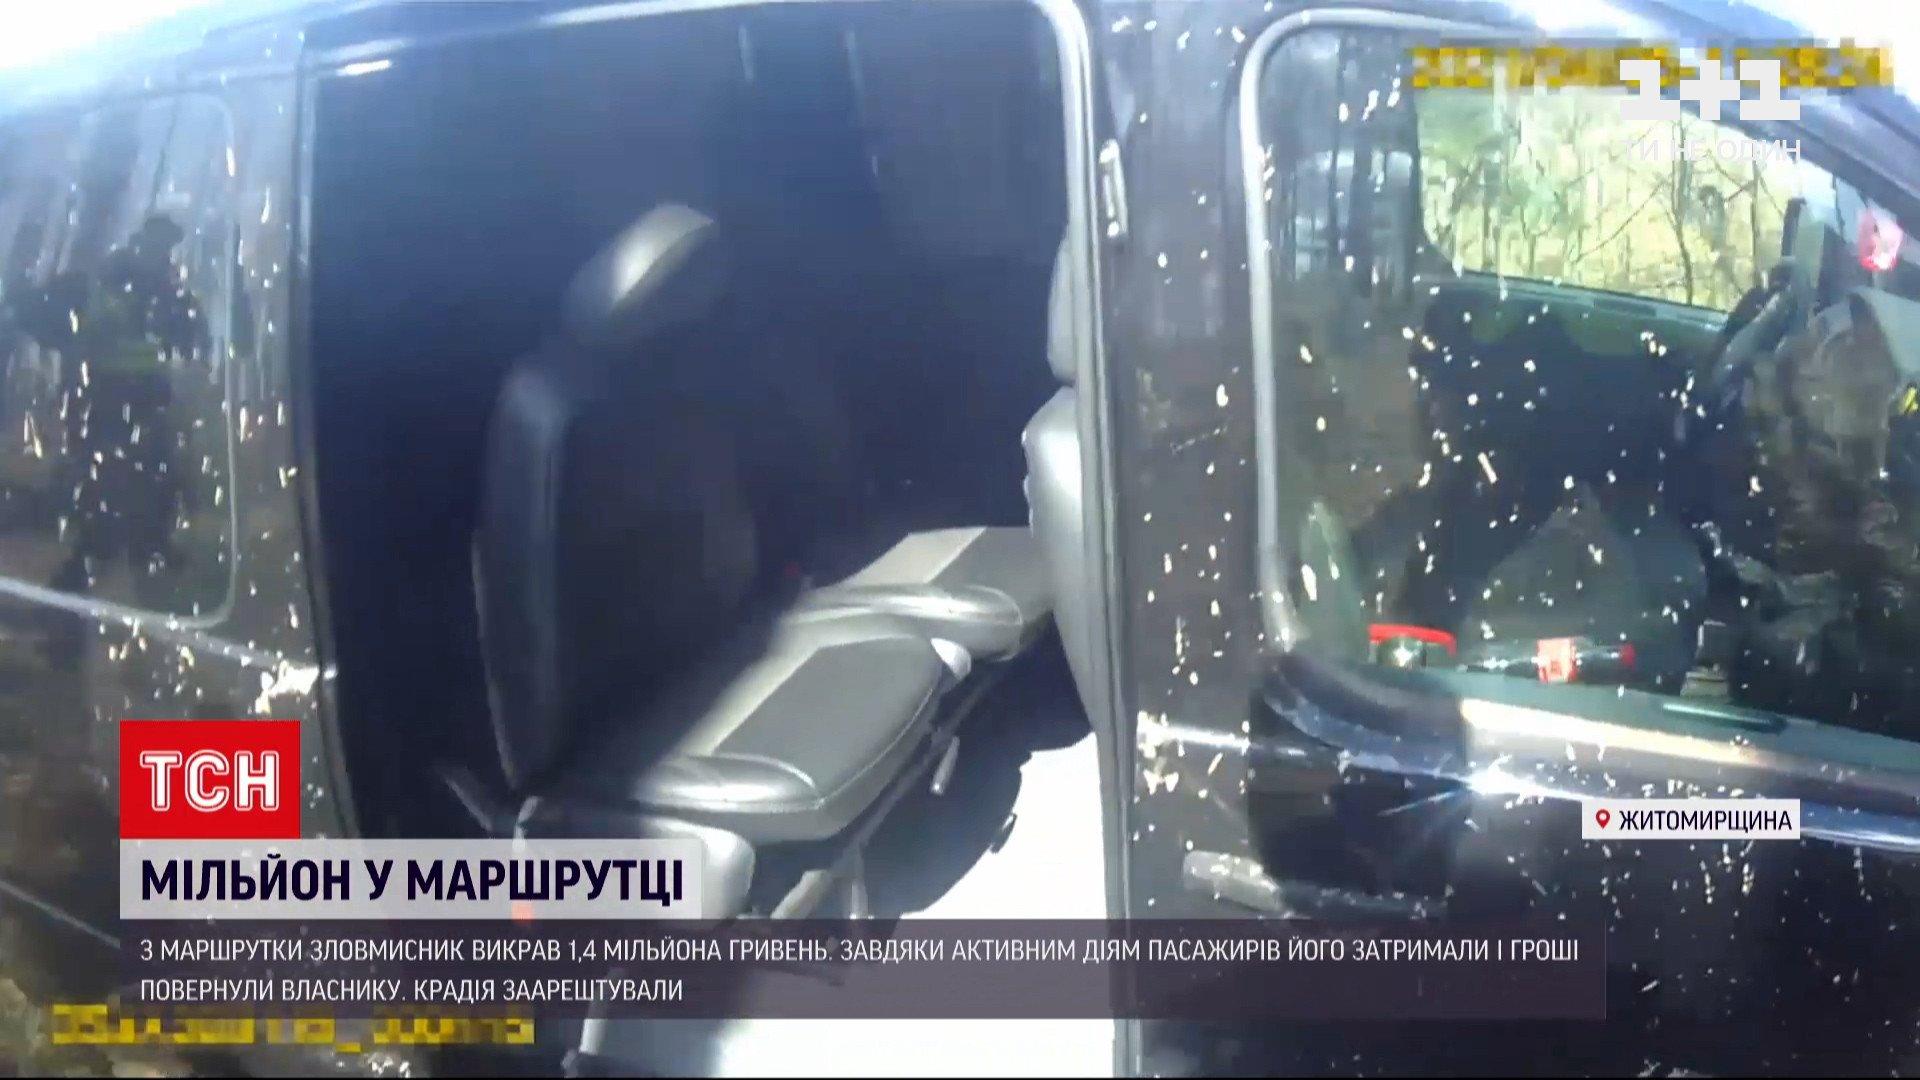 Злоумышленник похитил из маршрутки почти полтора миллиона гривень